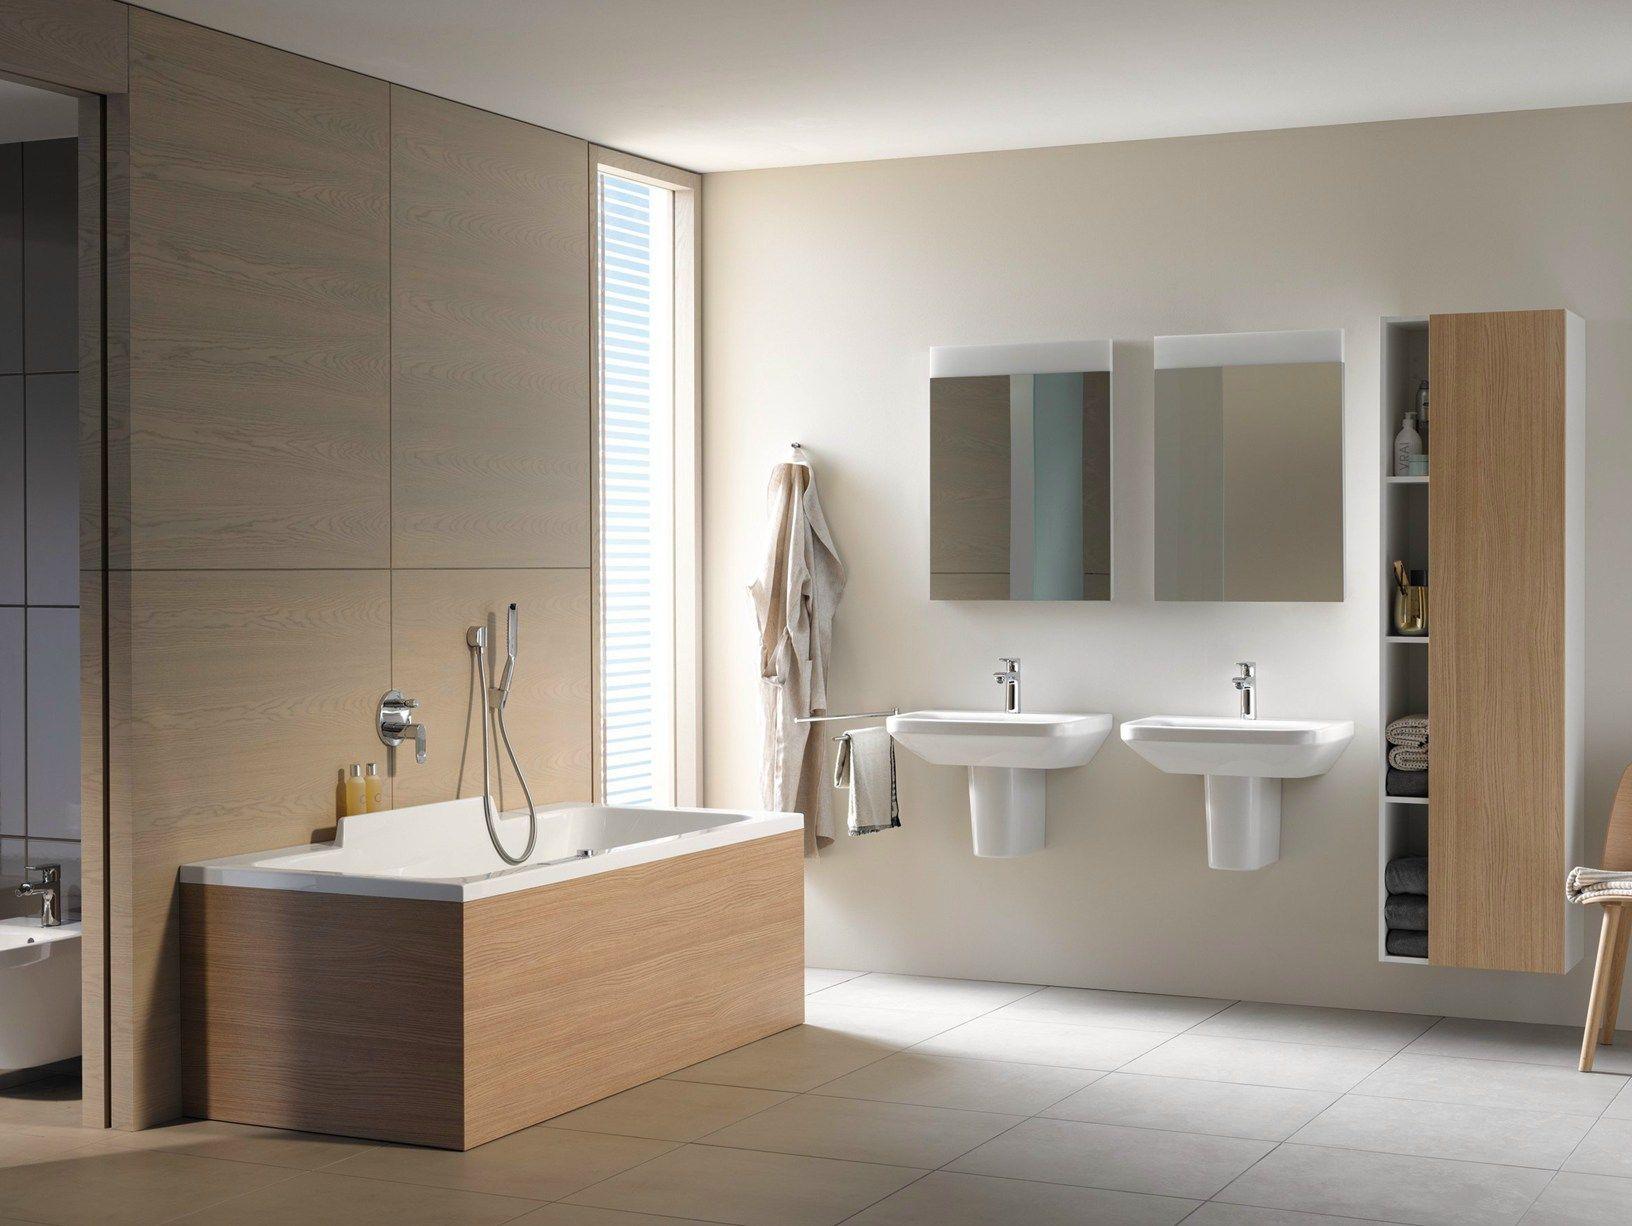 Vasca Da Bagno Duravit Prezzi : SemplicitÀ formale per l arredo bagno duravit